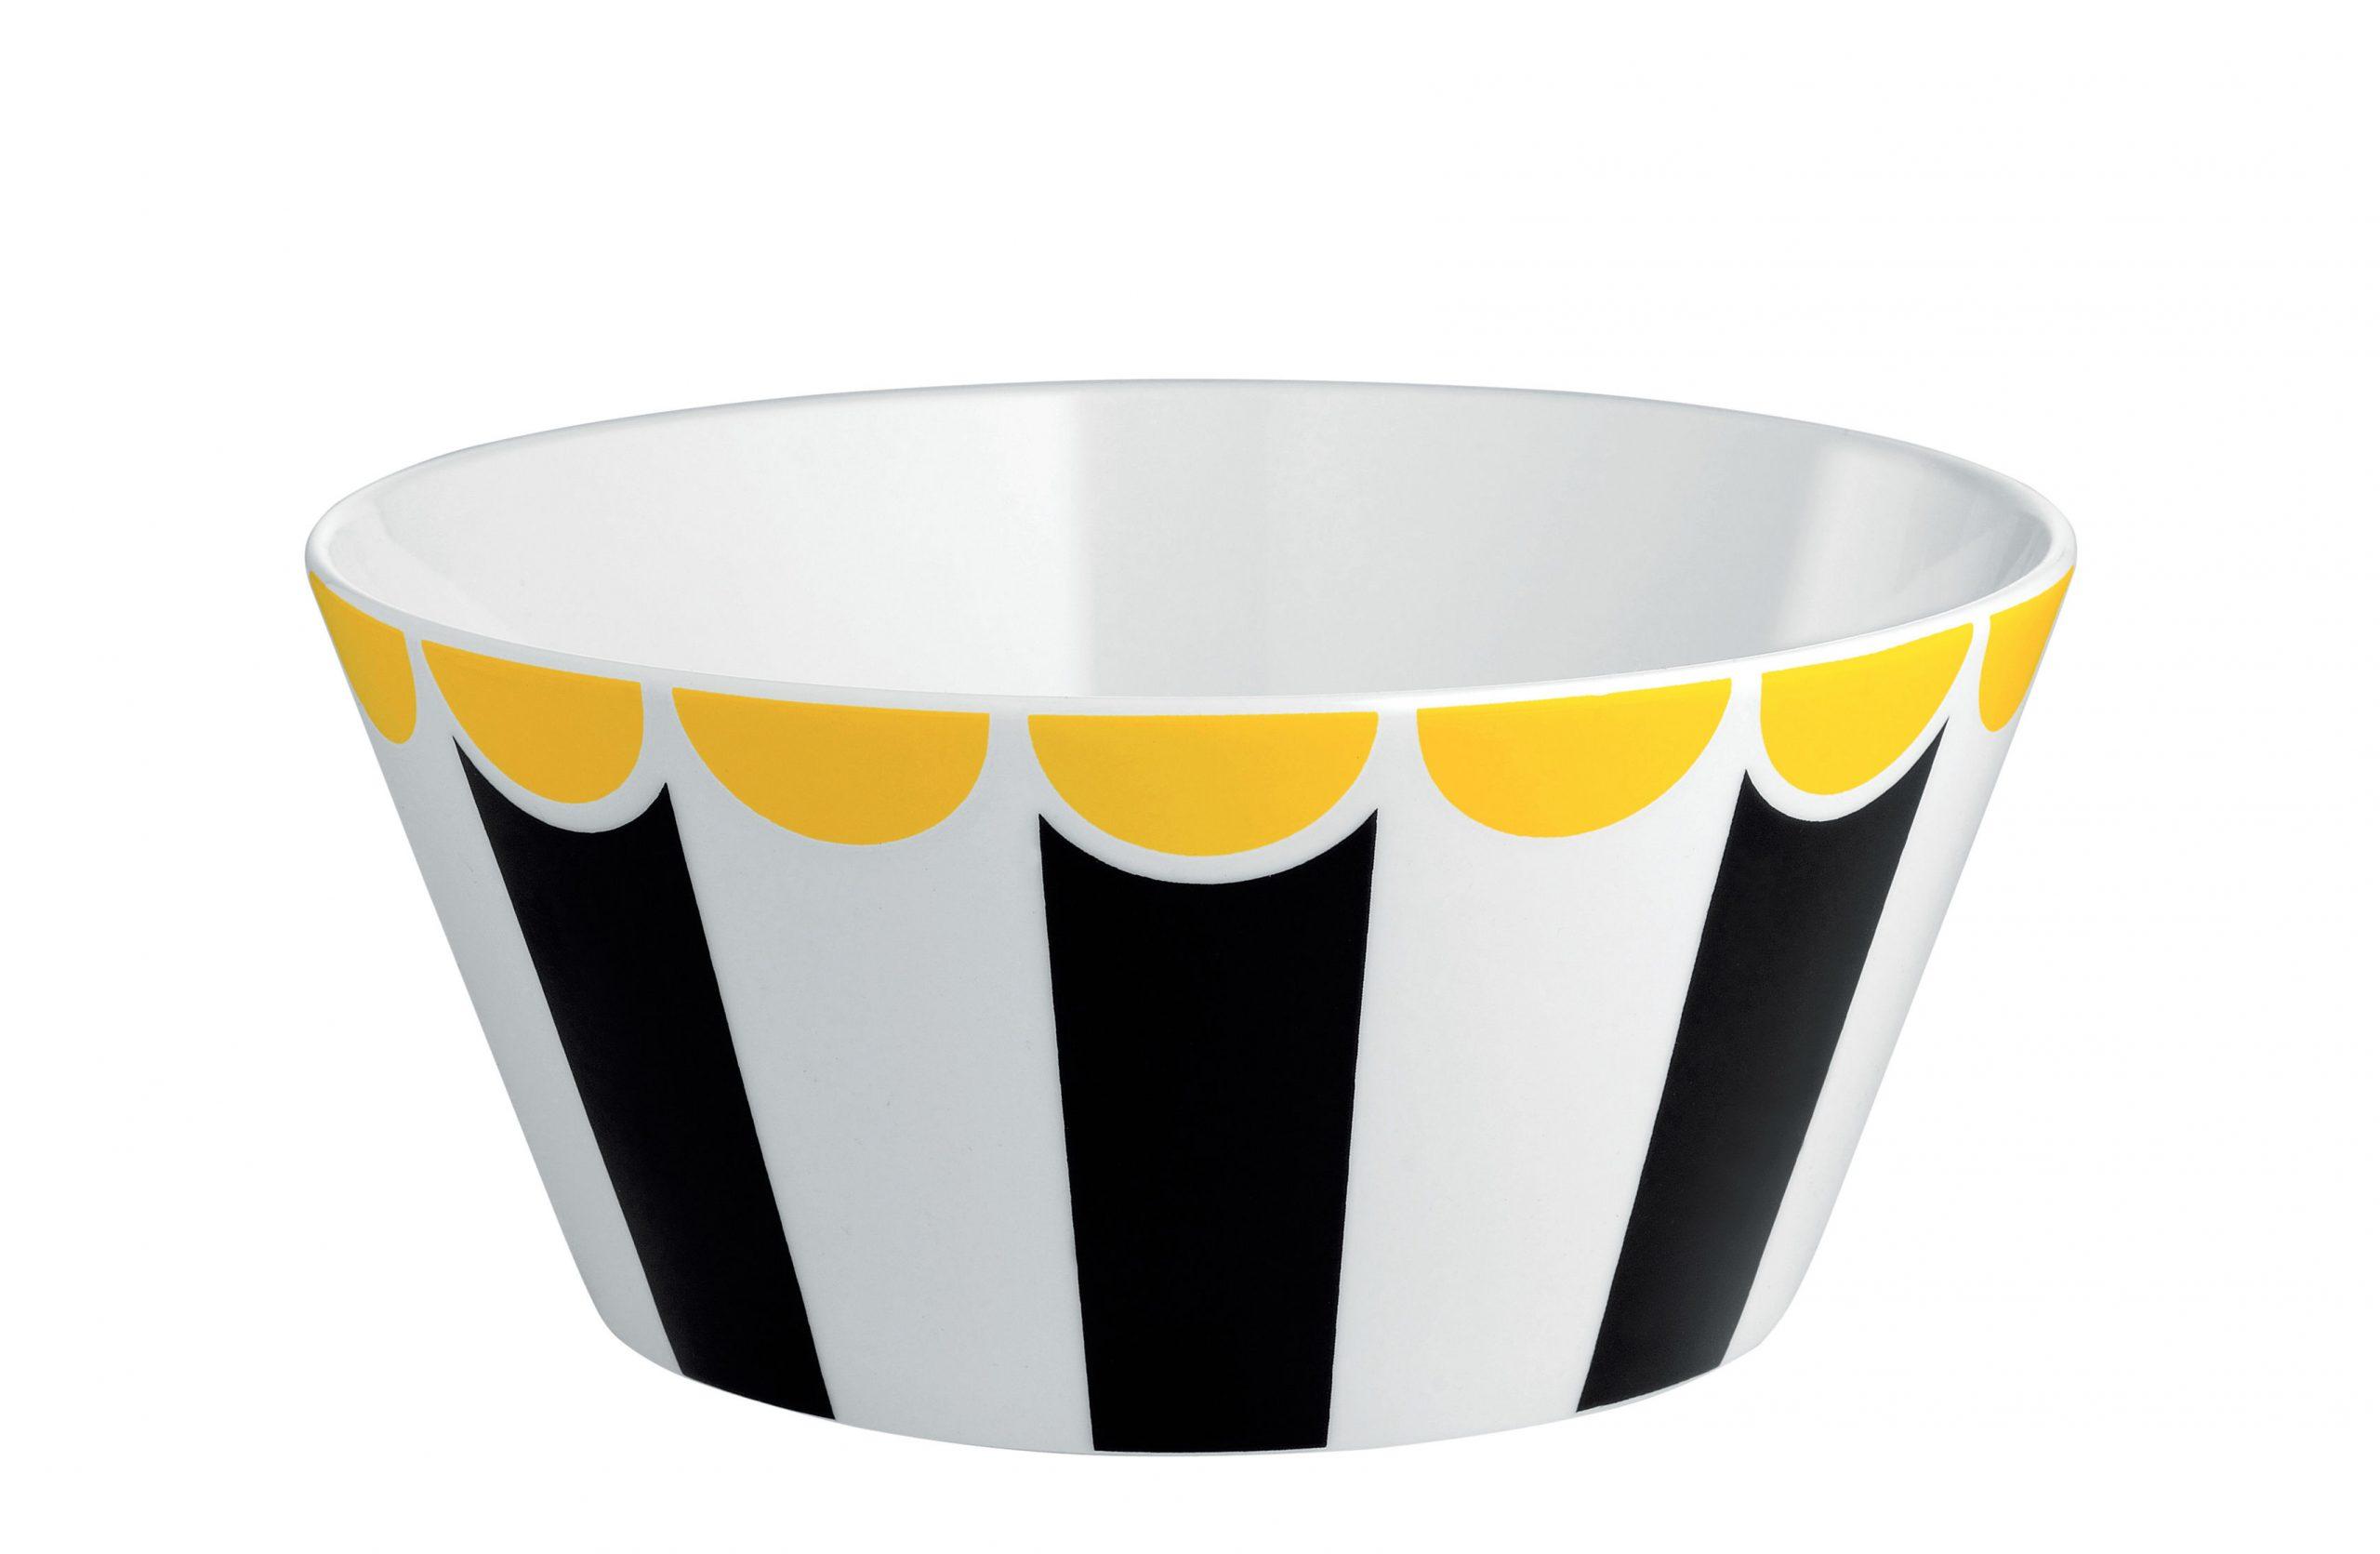 サーカスボウル-Ø16 x H 7 cmホワイト|イエロー|ブラックALESSIマルセルワンダース1